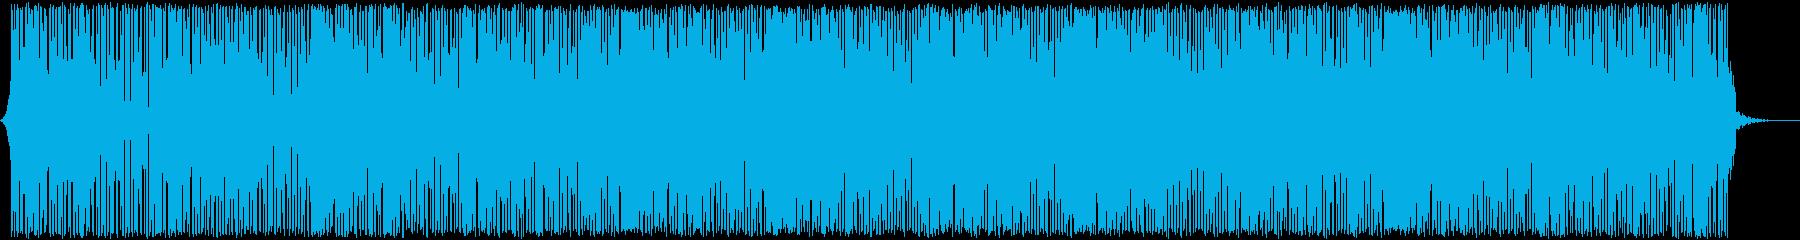 ハウス ダンス プログレッシブ ブ...の再生済みの波形